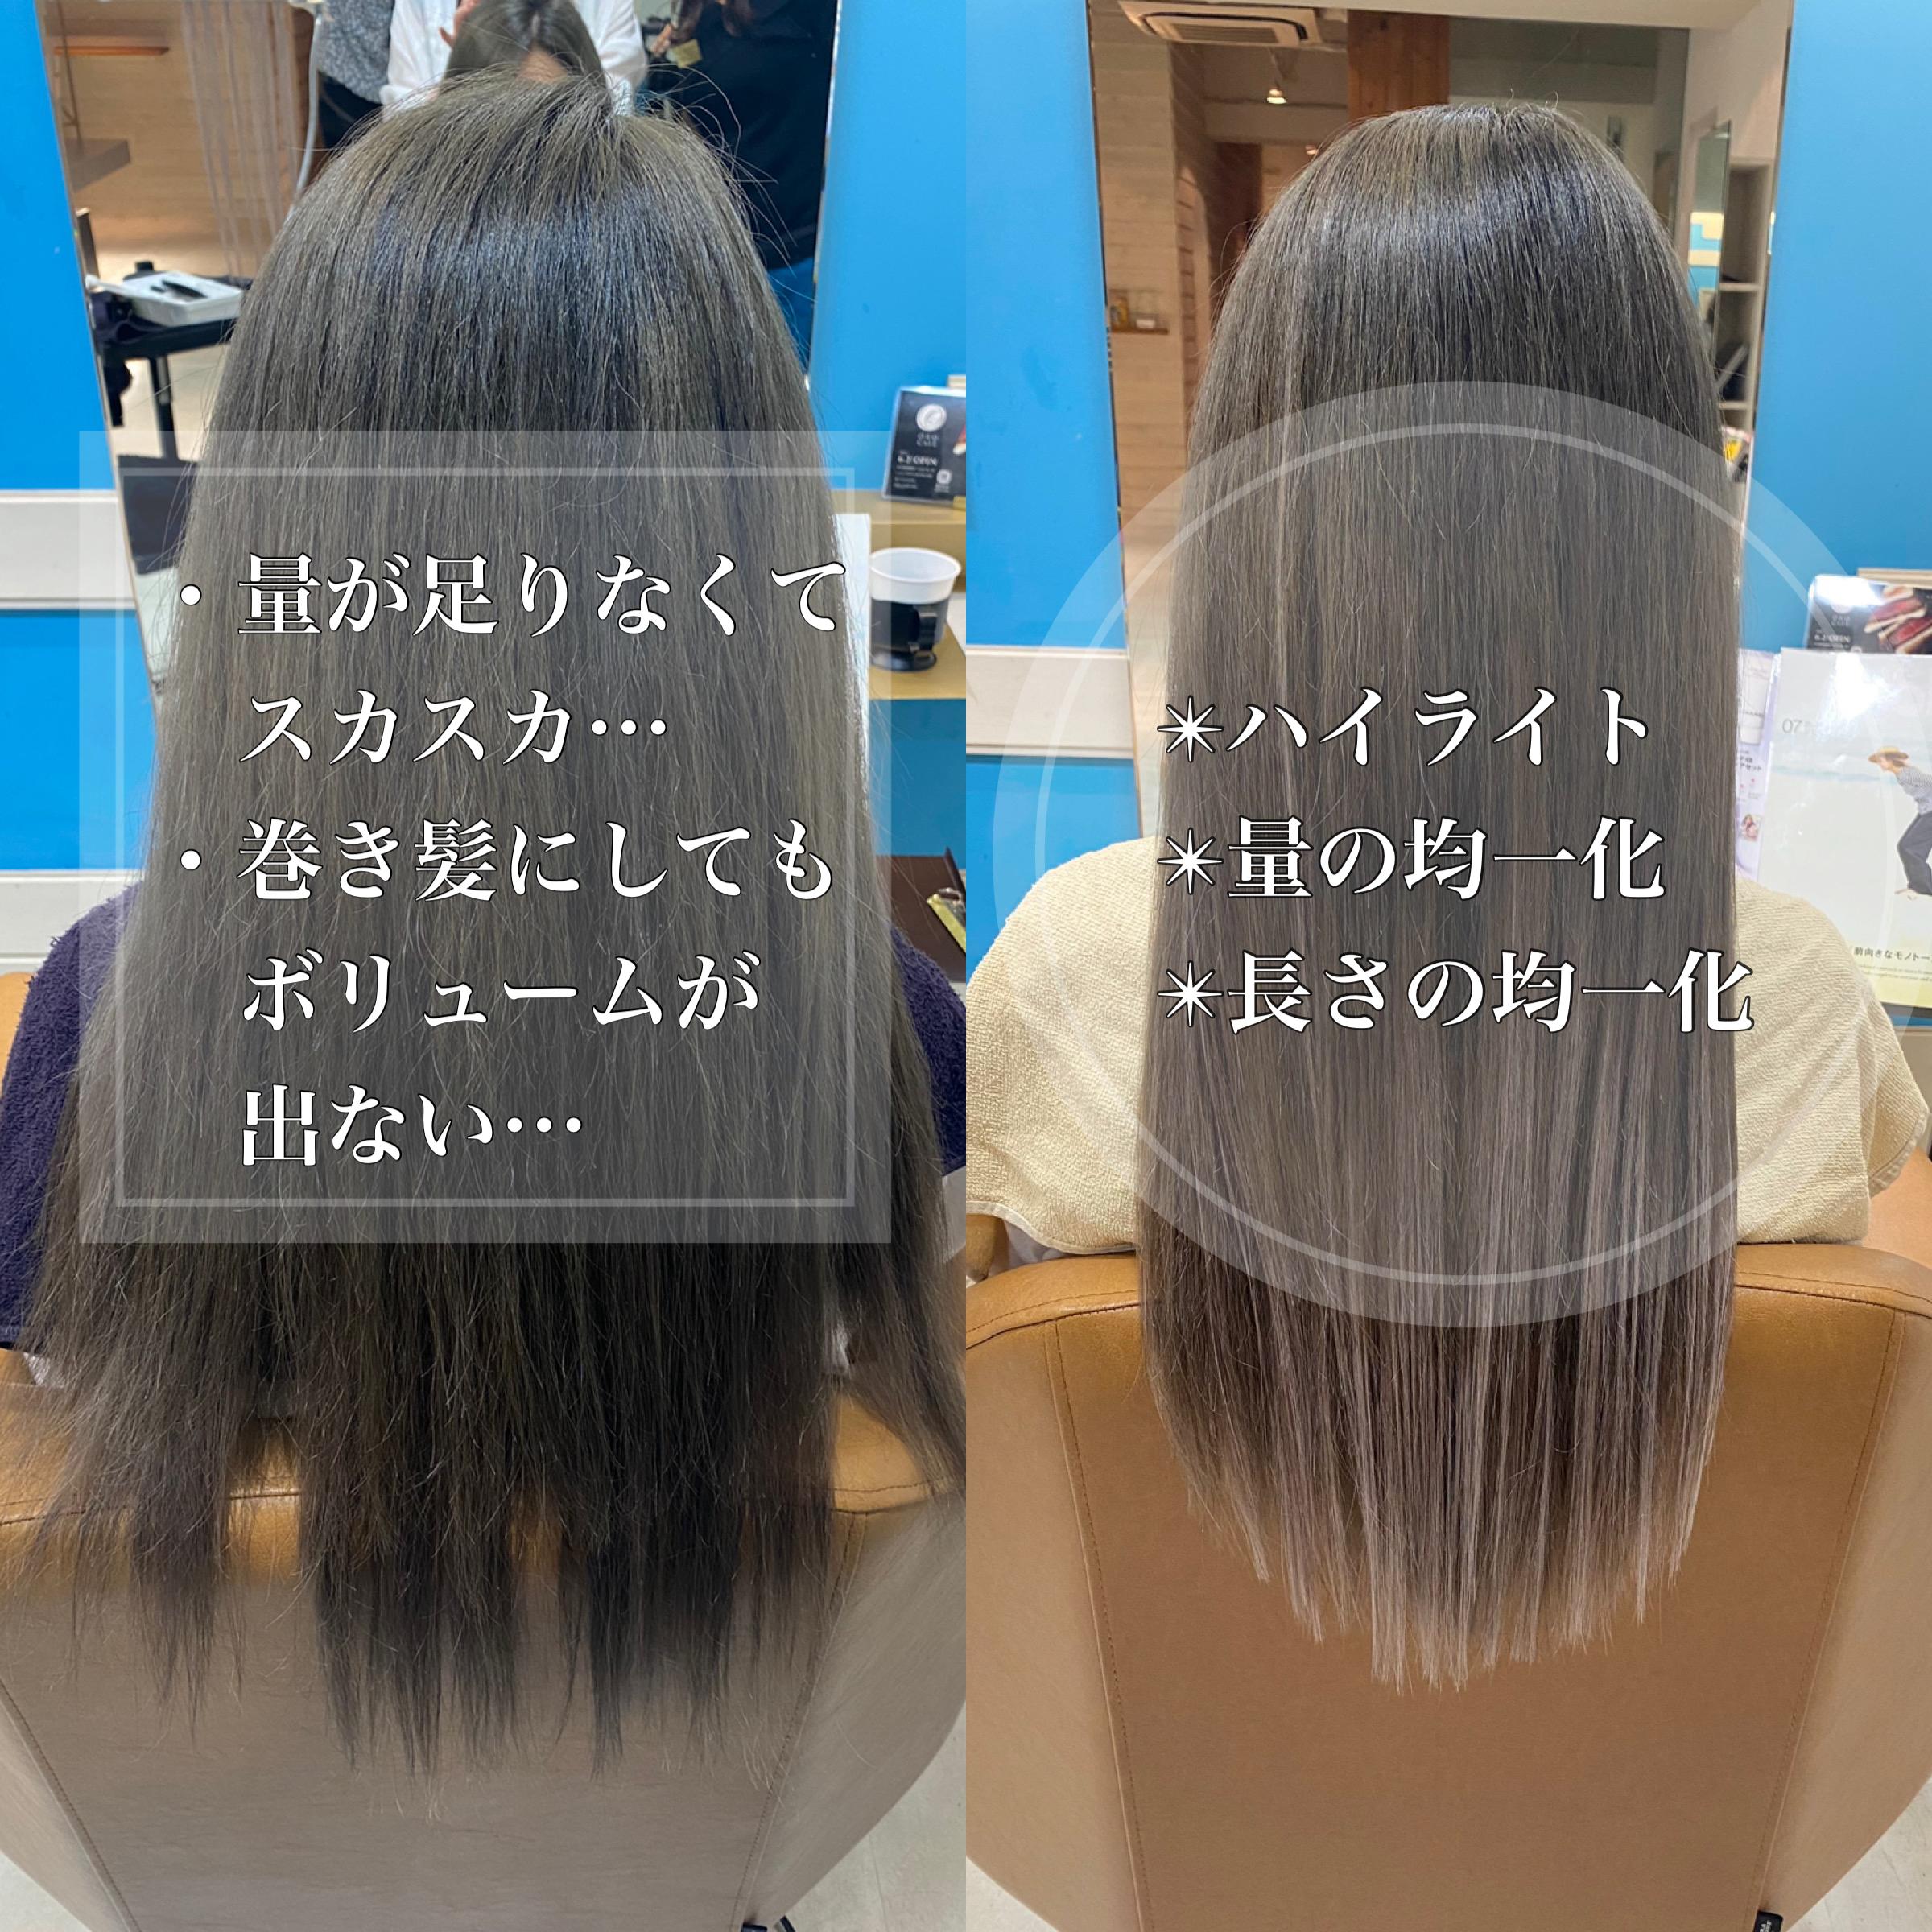 80837CB9-6301-4B91-8E81-83B71E4294CF